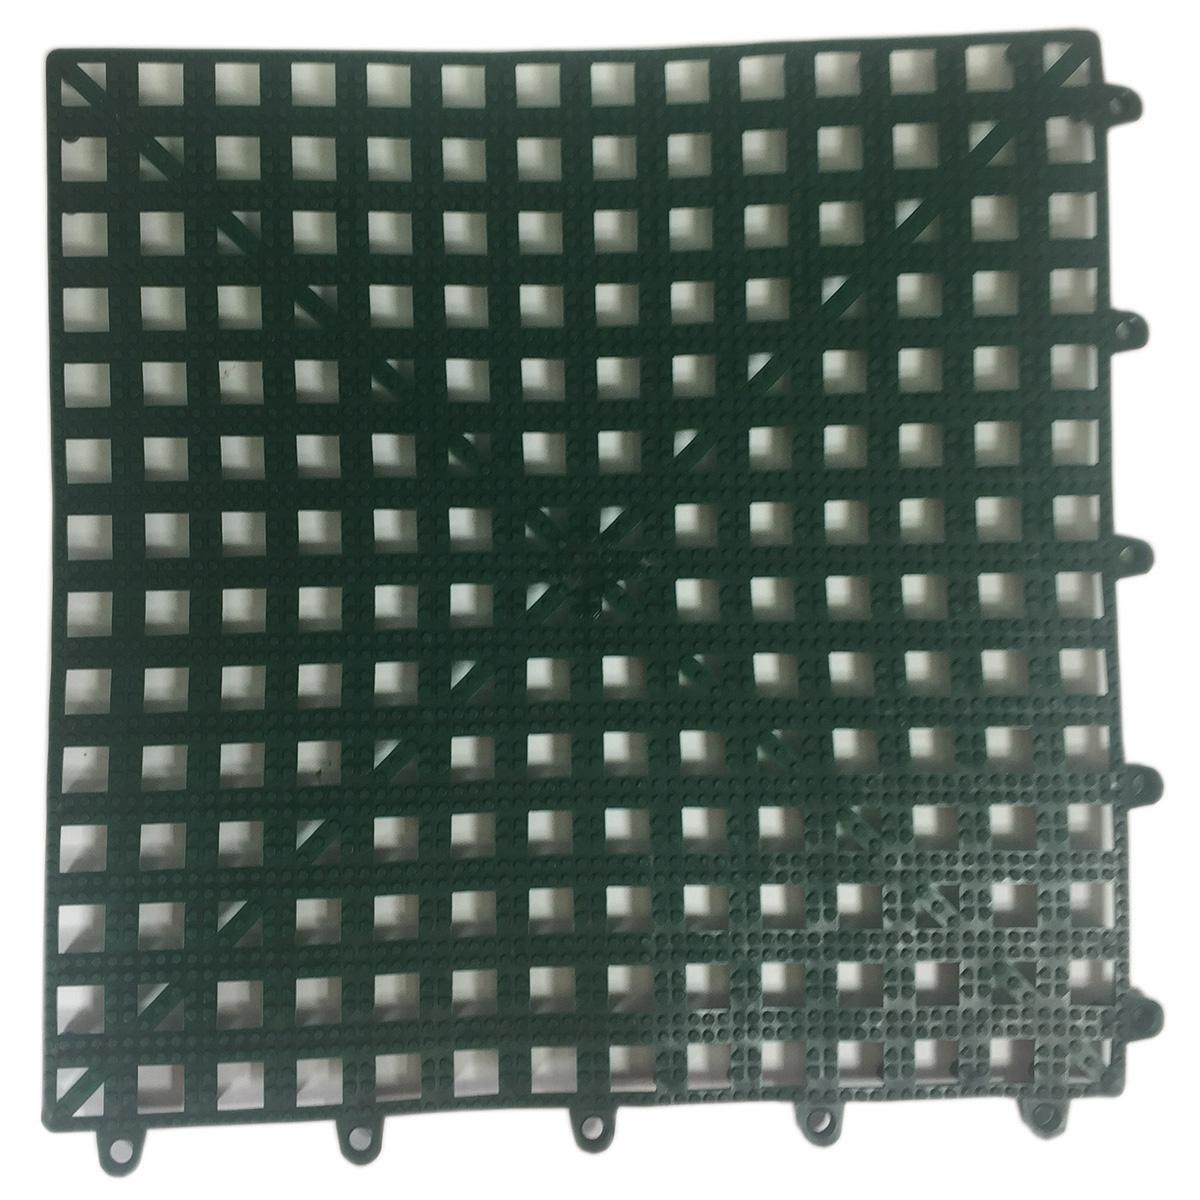 Spill-Stop 162-04 bar mat